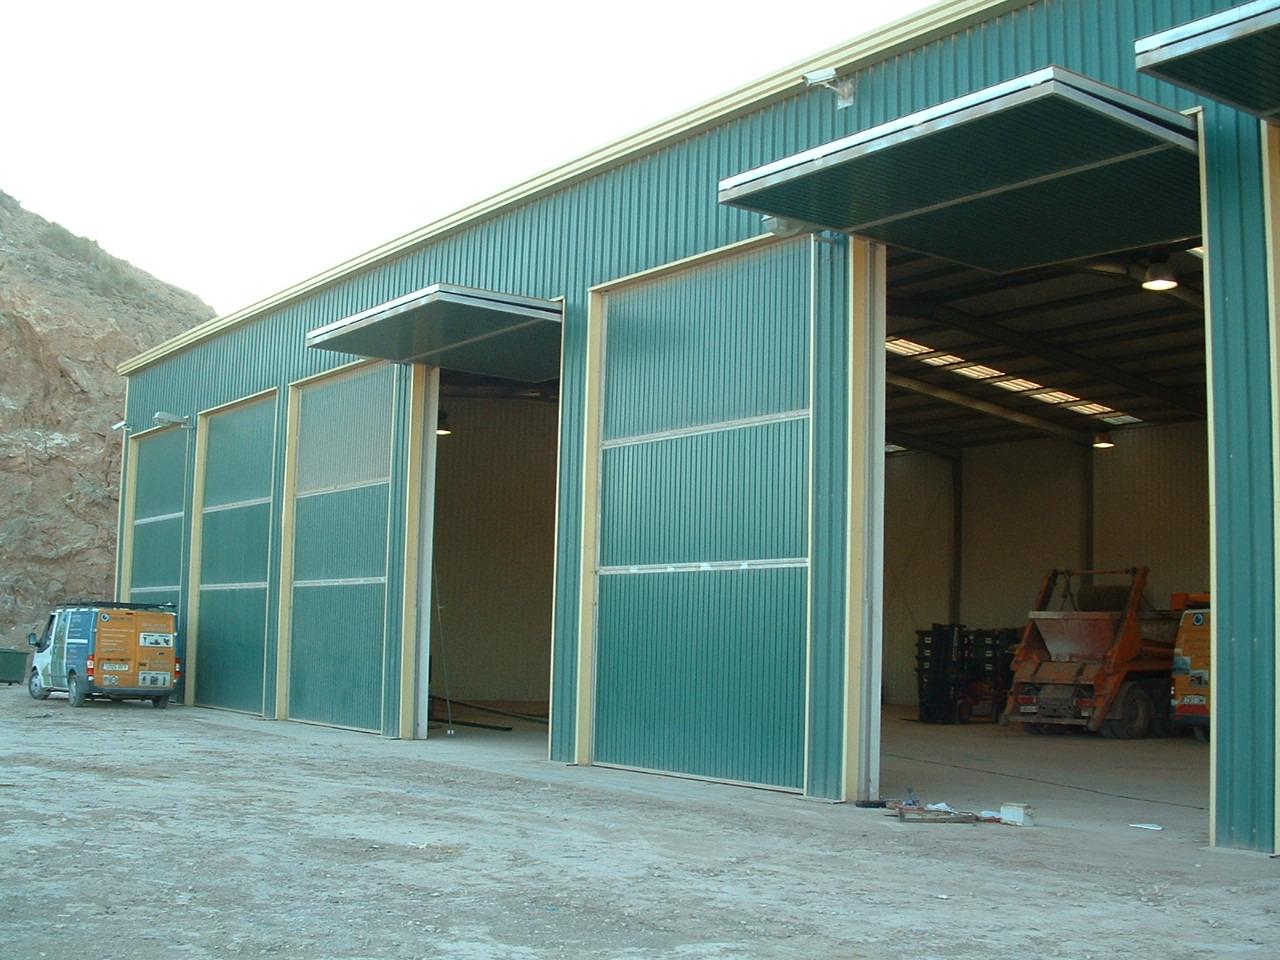 Montaje de puertas en estructura metálica modular